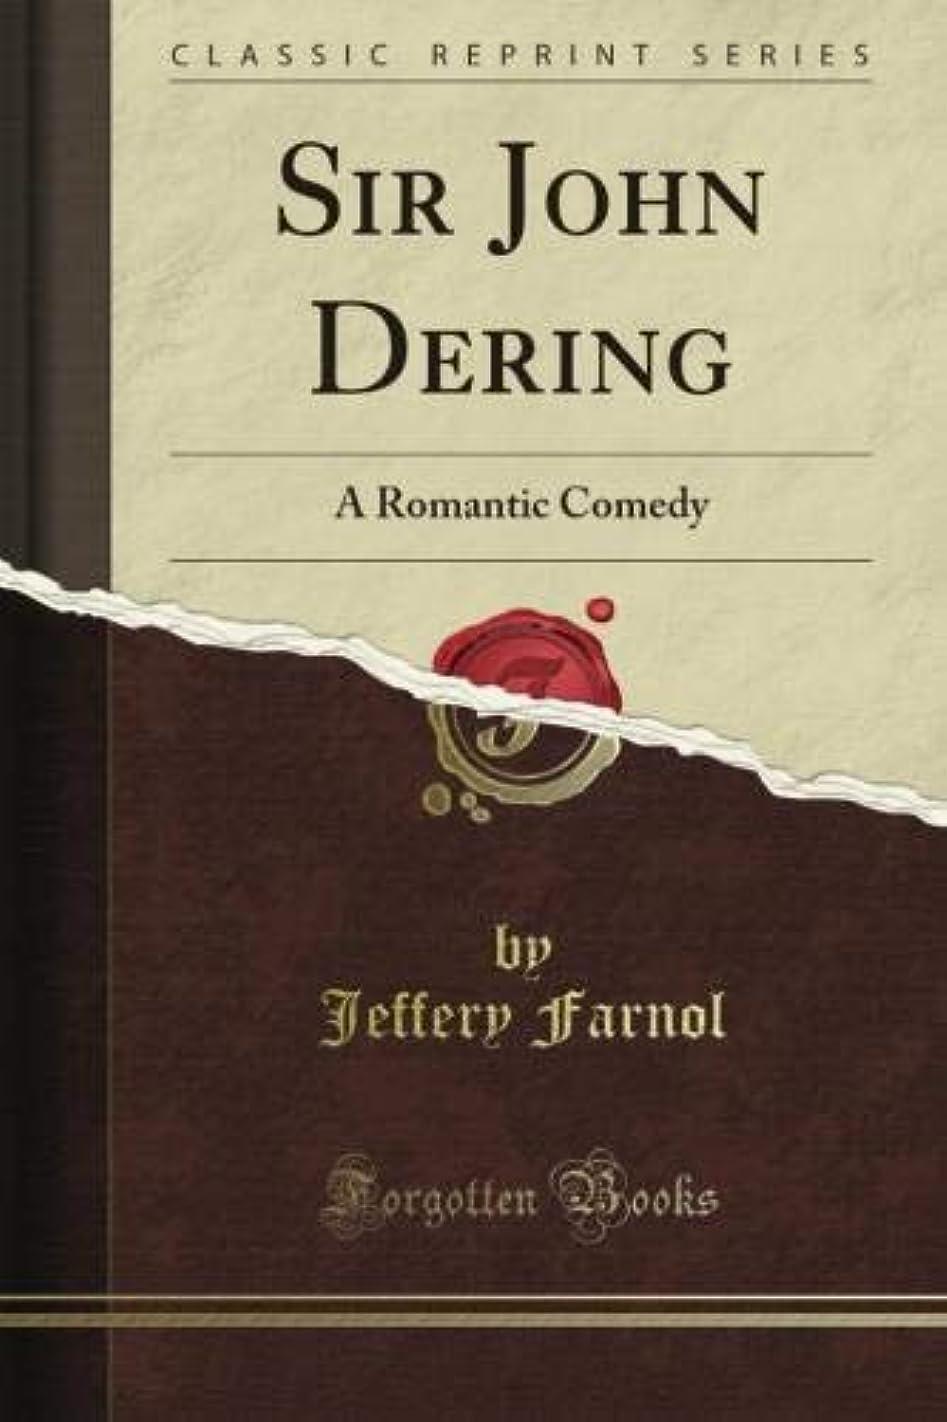 注入周辺スノーケルSir John Dering: A Romantic Comedy (Classic Reprint)